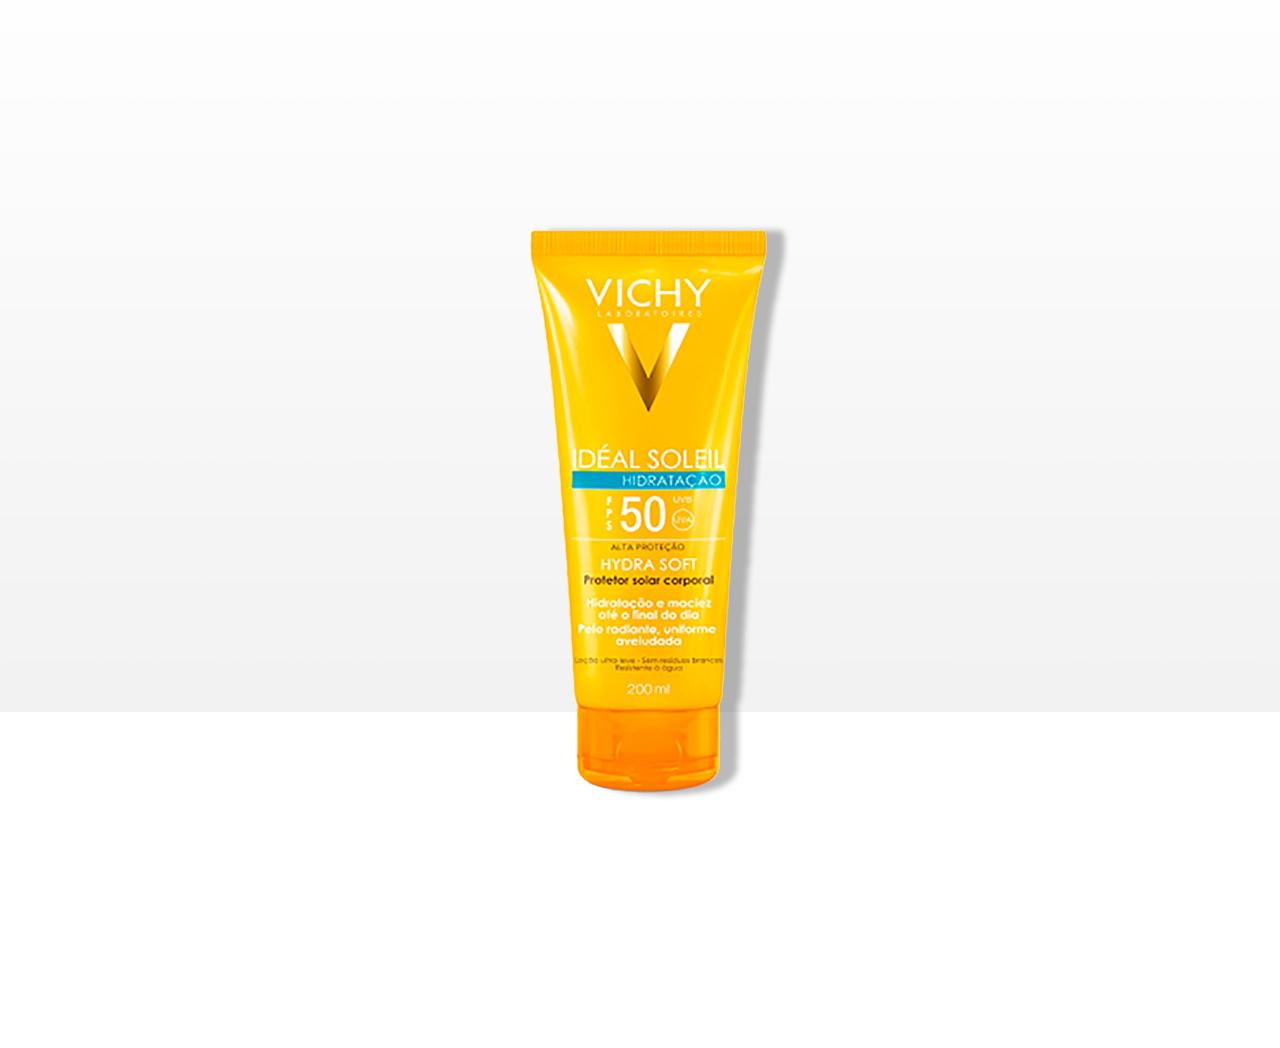 Protetor Solar Corporal Vichy Idéal Soleil Hydrasoft FPS50 - 200ml